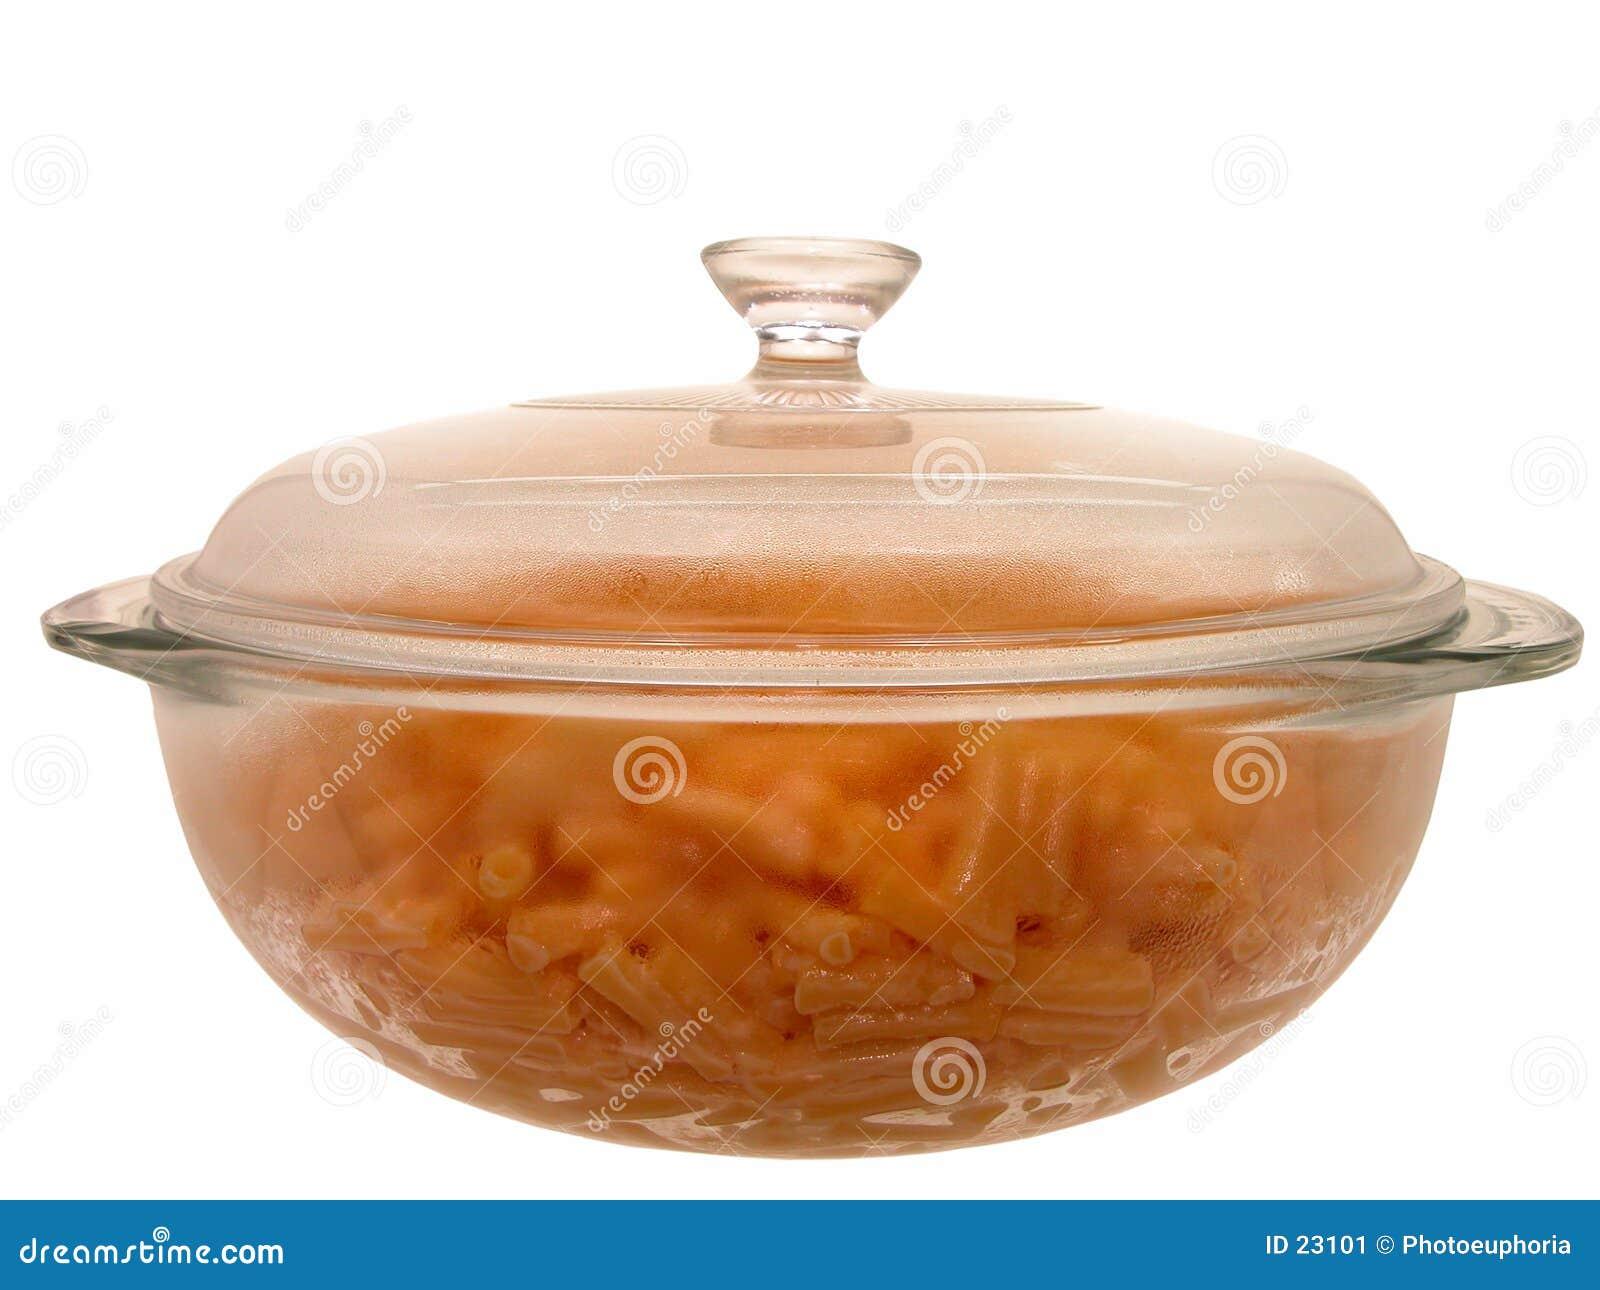 Alimento: Macarrones y queso cocidos al horno